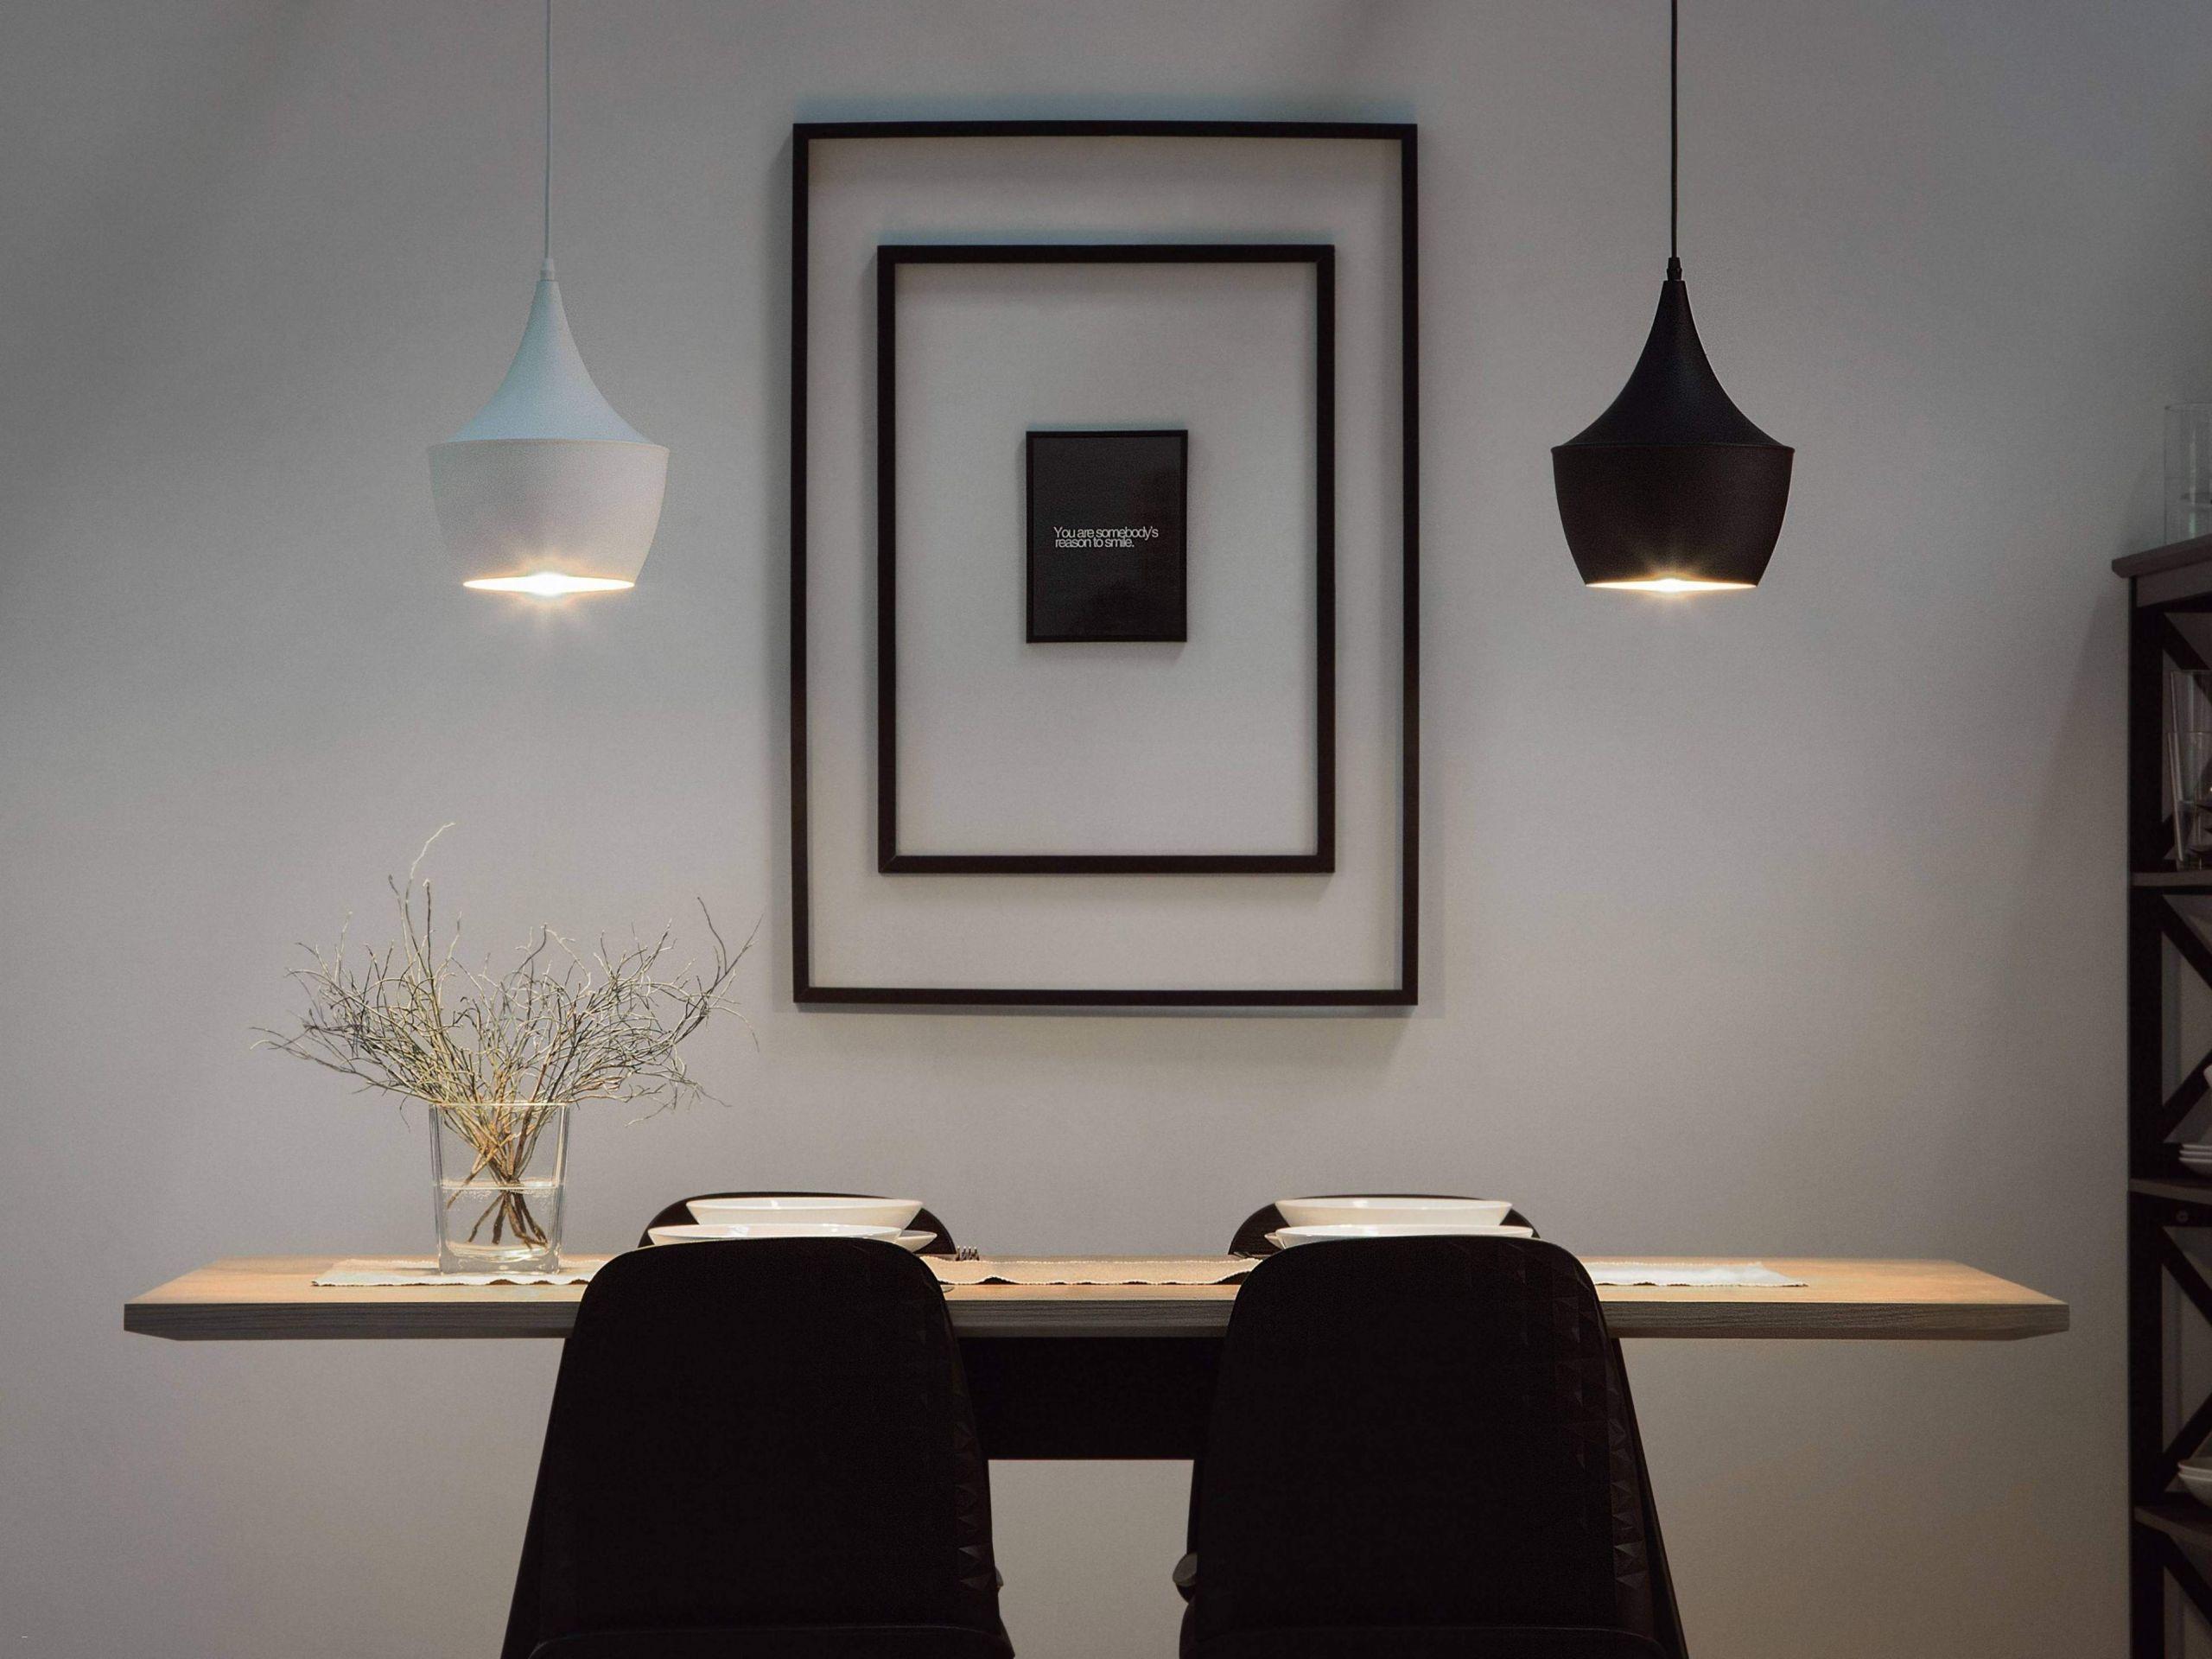 Full Size of Wohnzimmer Hängelampe Hngelampe Reizend Hngeleuchten Indirekte Beleuchtung Deckenleuchten Deckenleuchte Fototapeten Bilder Fürs Vorhänge Lampen Wandtattoos Wohnzimmer Wohnzimmer Hängelampe